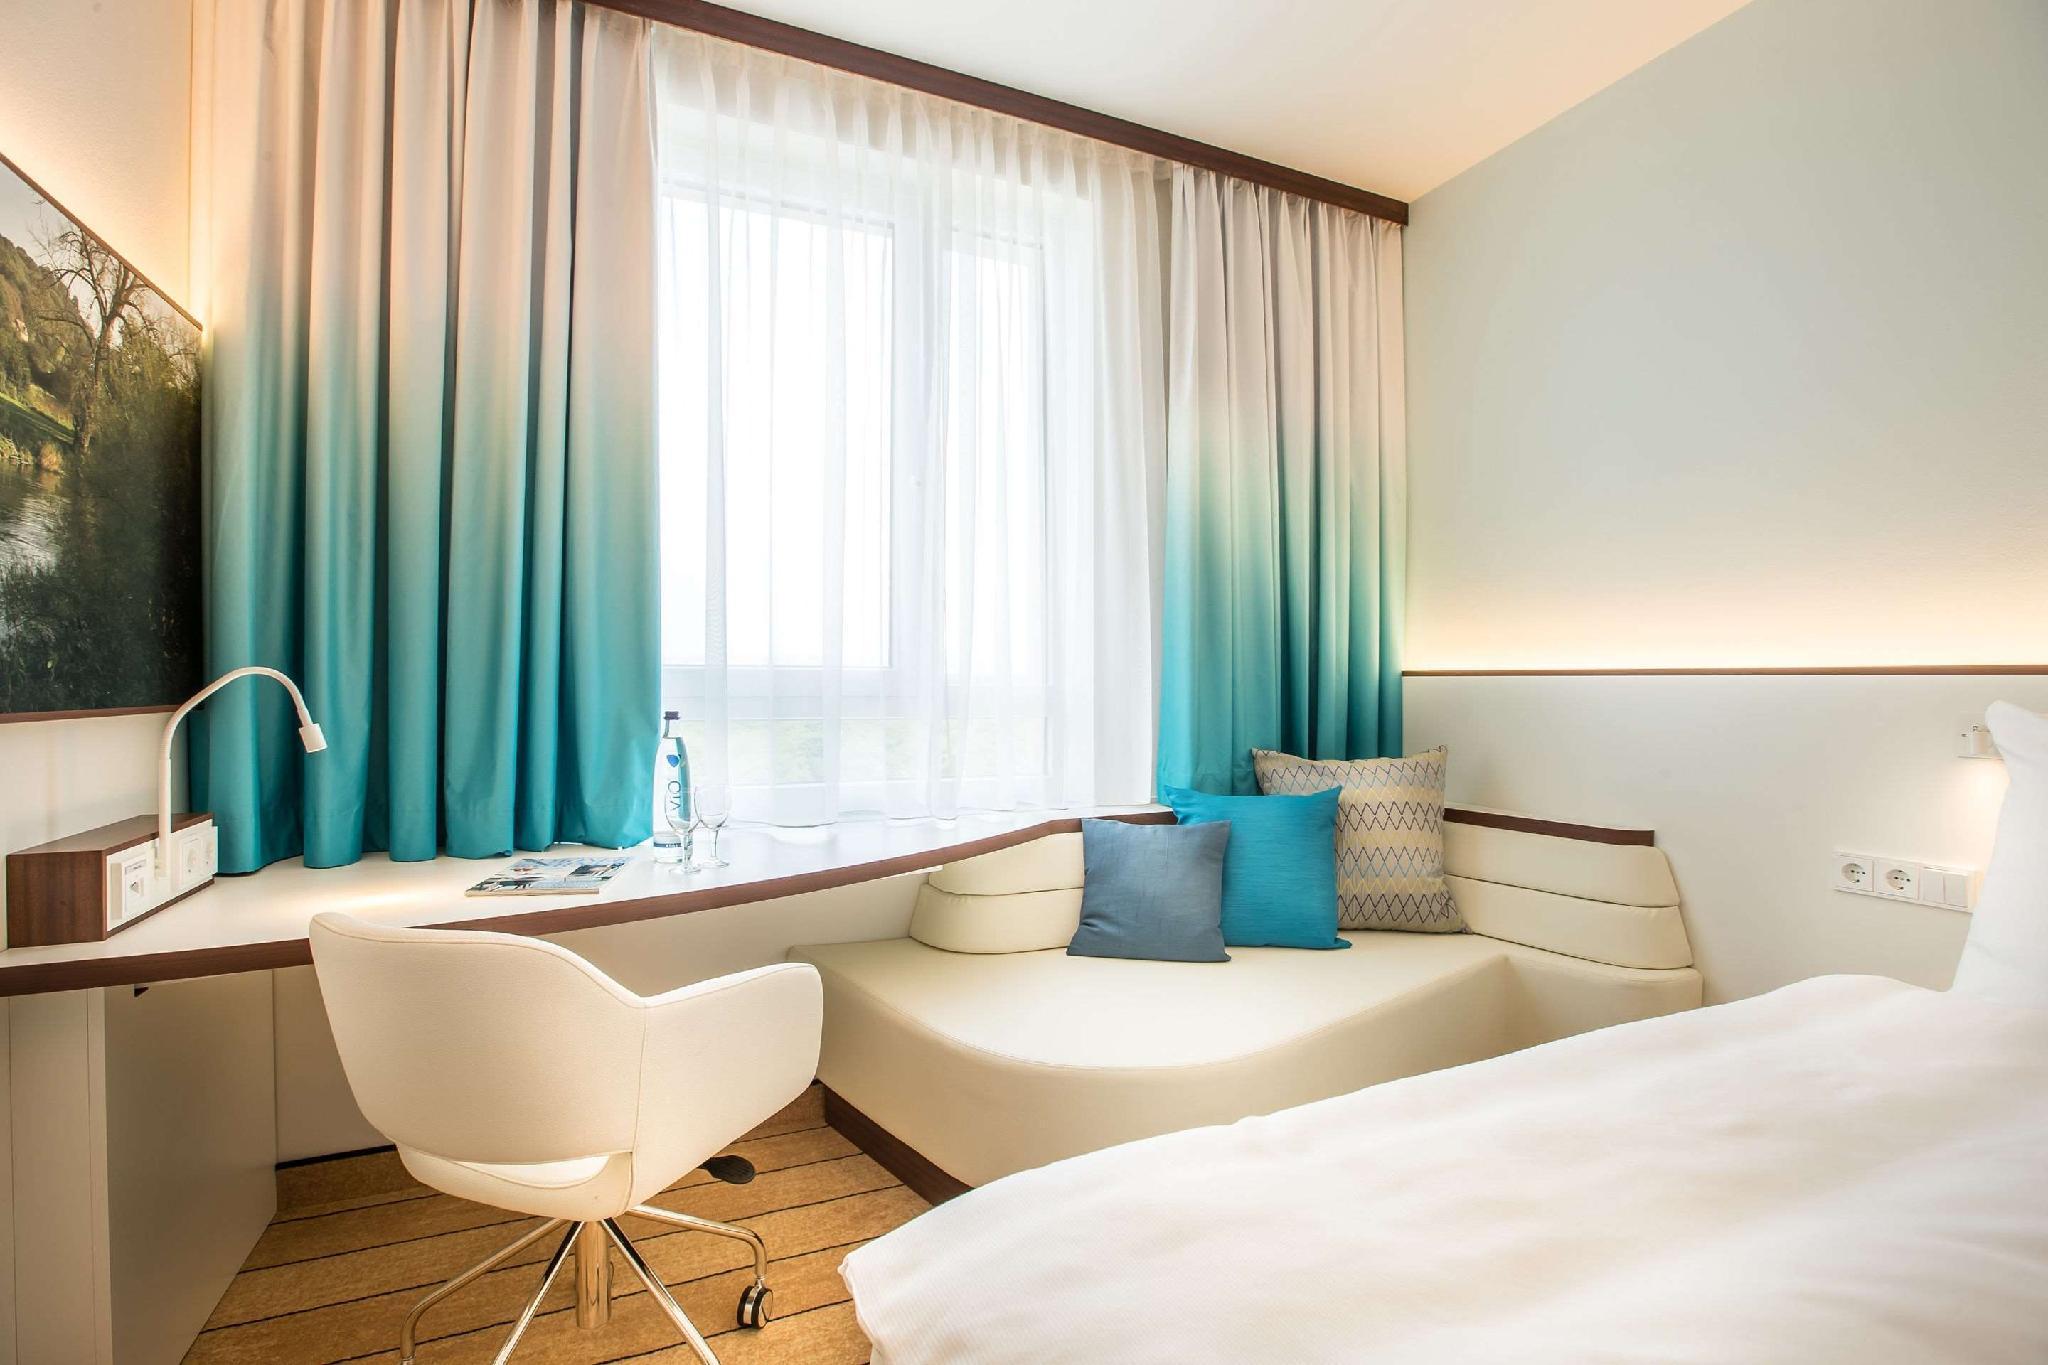 Comfort Hotel Frankfurt Airport West, Groß-Gerau